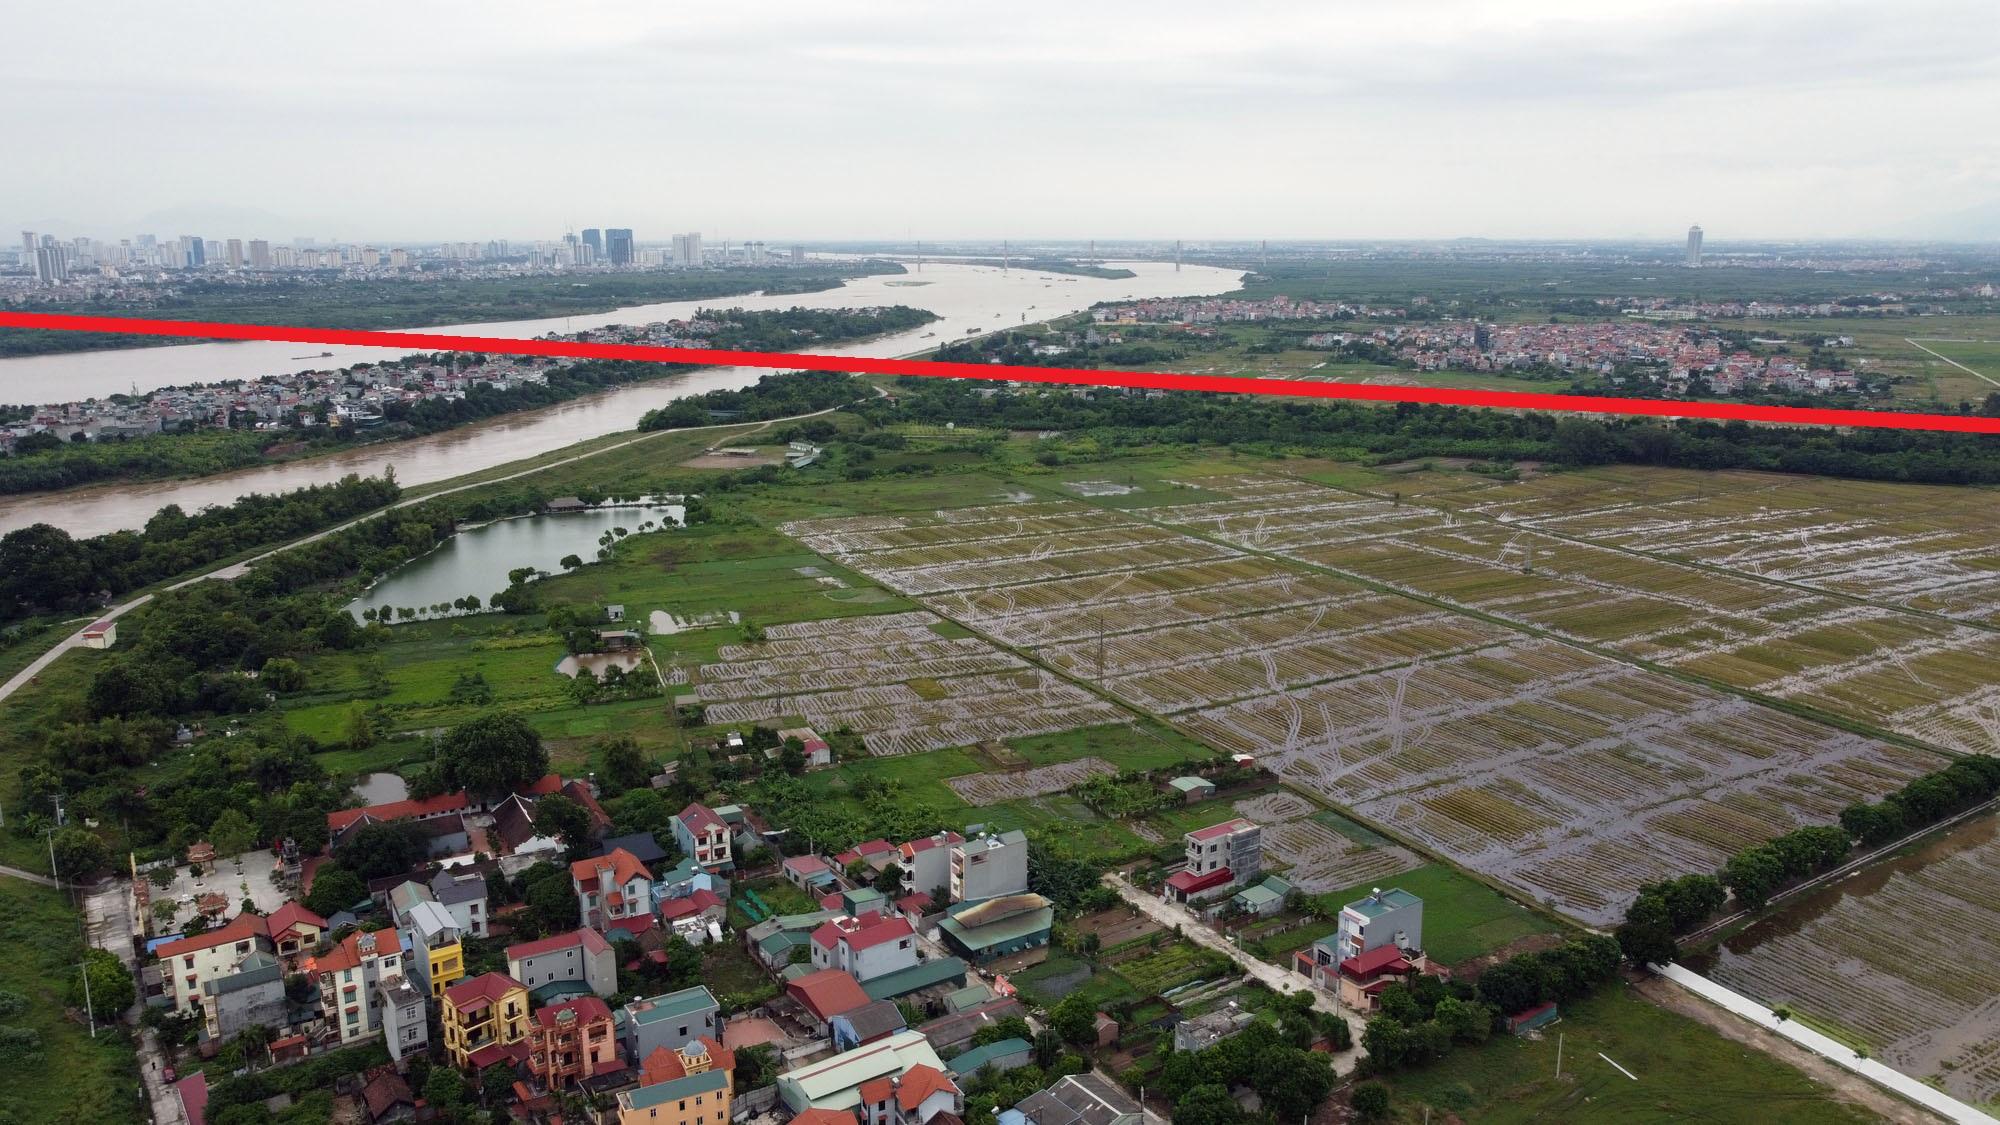 đường sẽ mở theo qui hoạch ở xã Đông Hội, Đông Anh, Hà Nội - Ảnh 3.